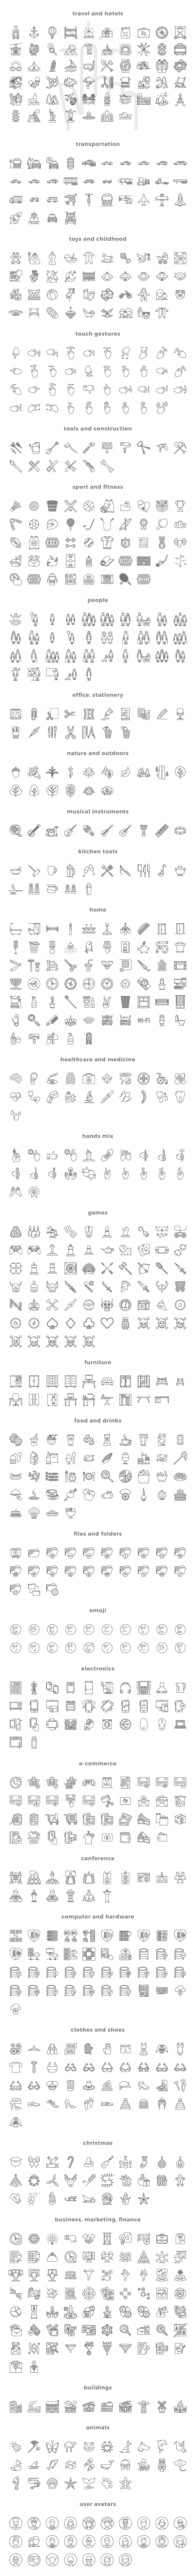 Icons bundle set preview  cm  1160x15235px upd 2